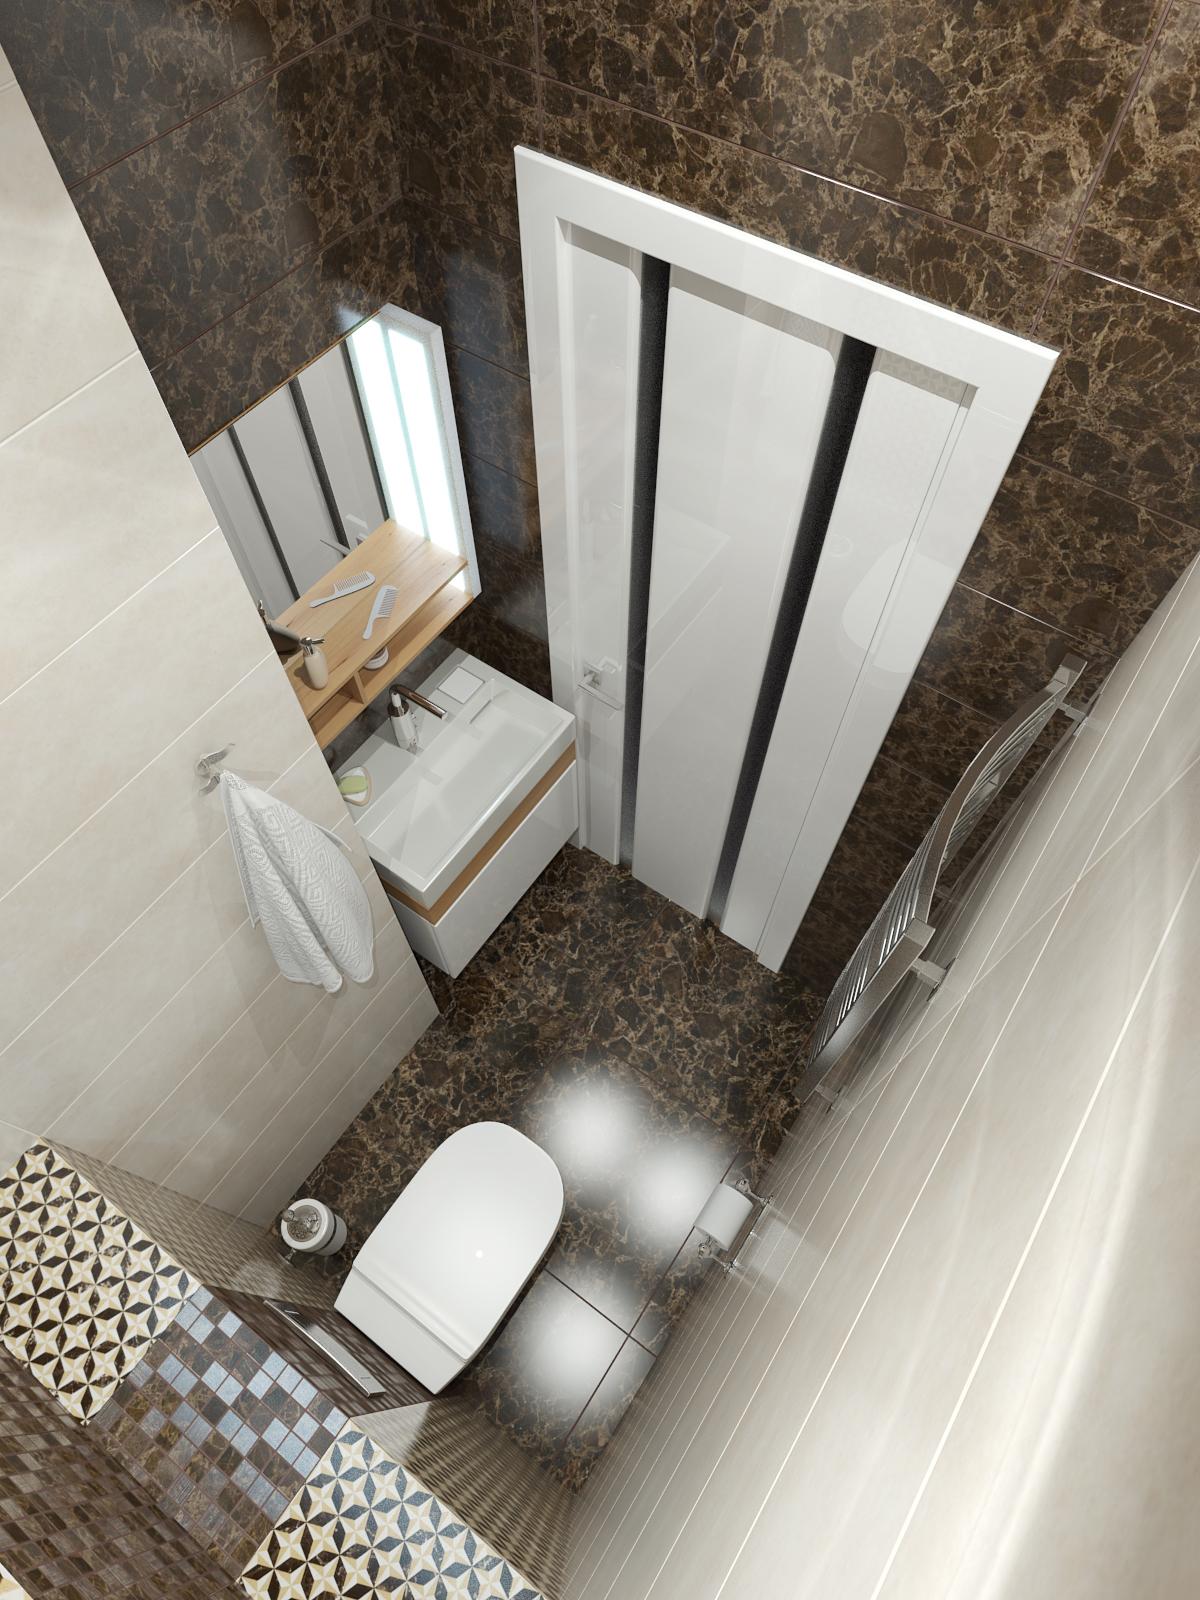 дизайн интерьера ванной нео классика (2)